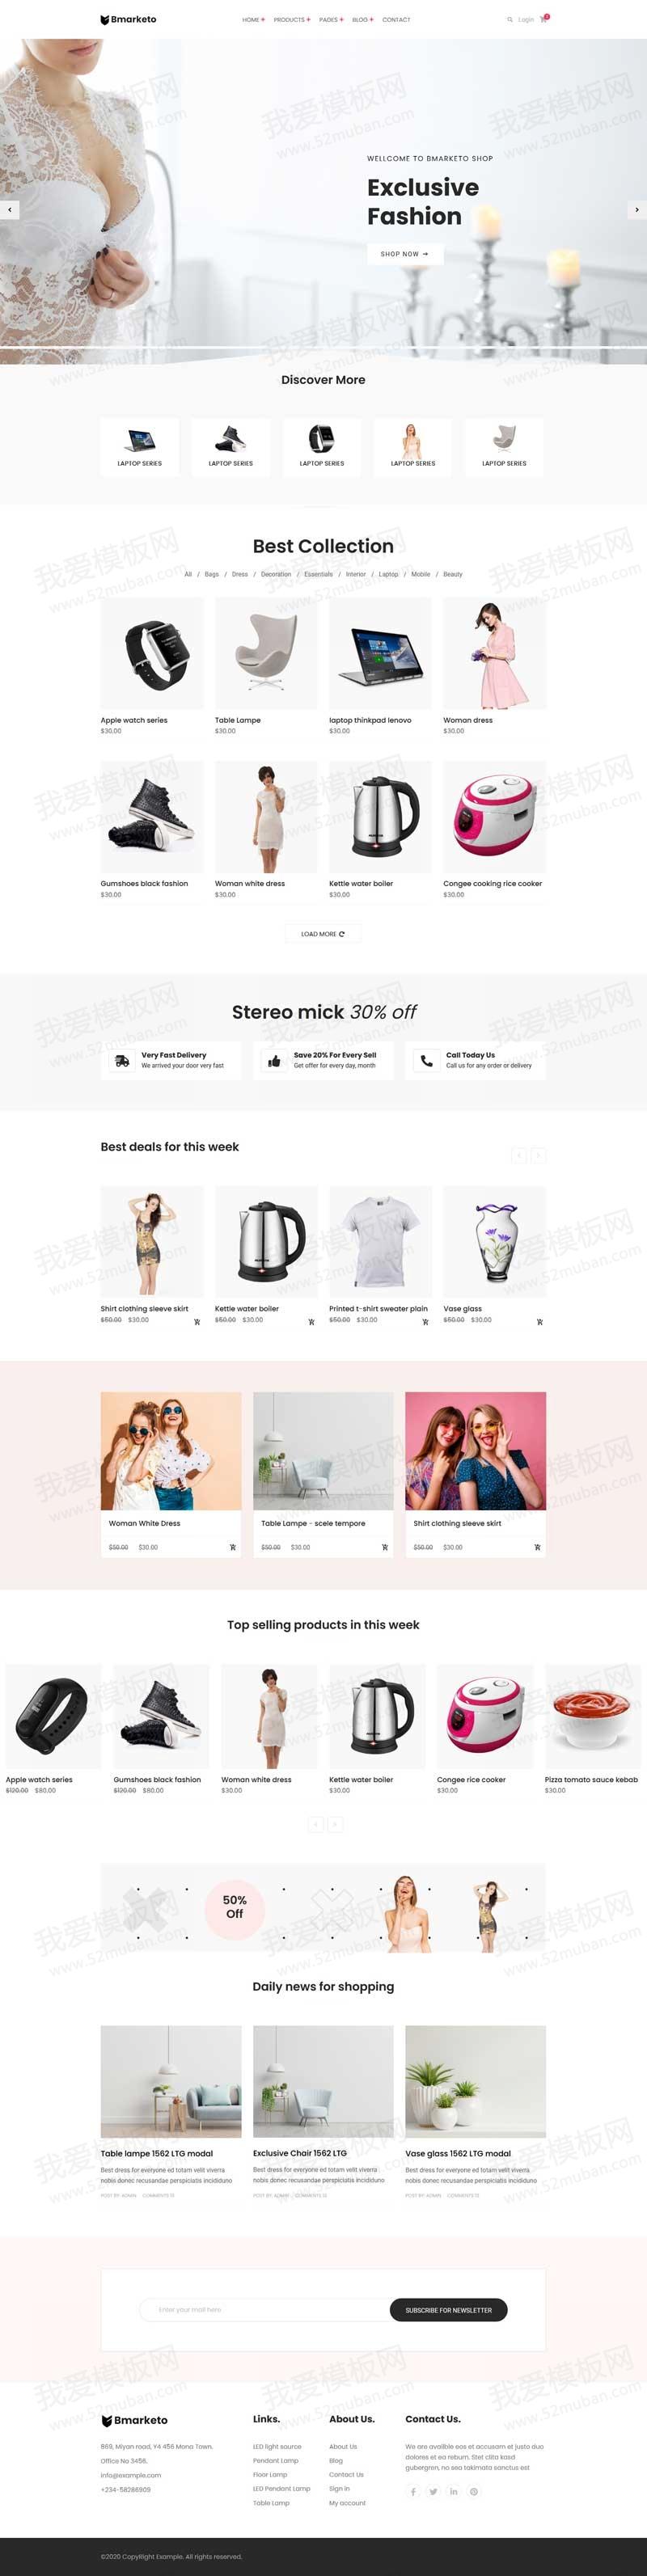 简单的企业产品电商网站html模板